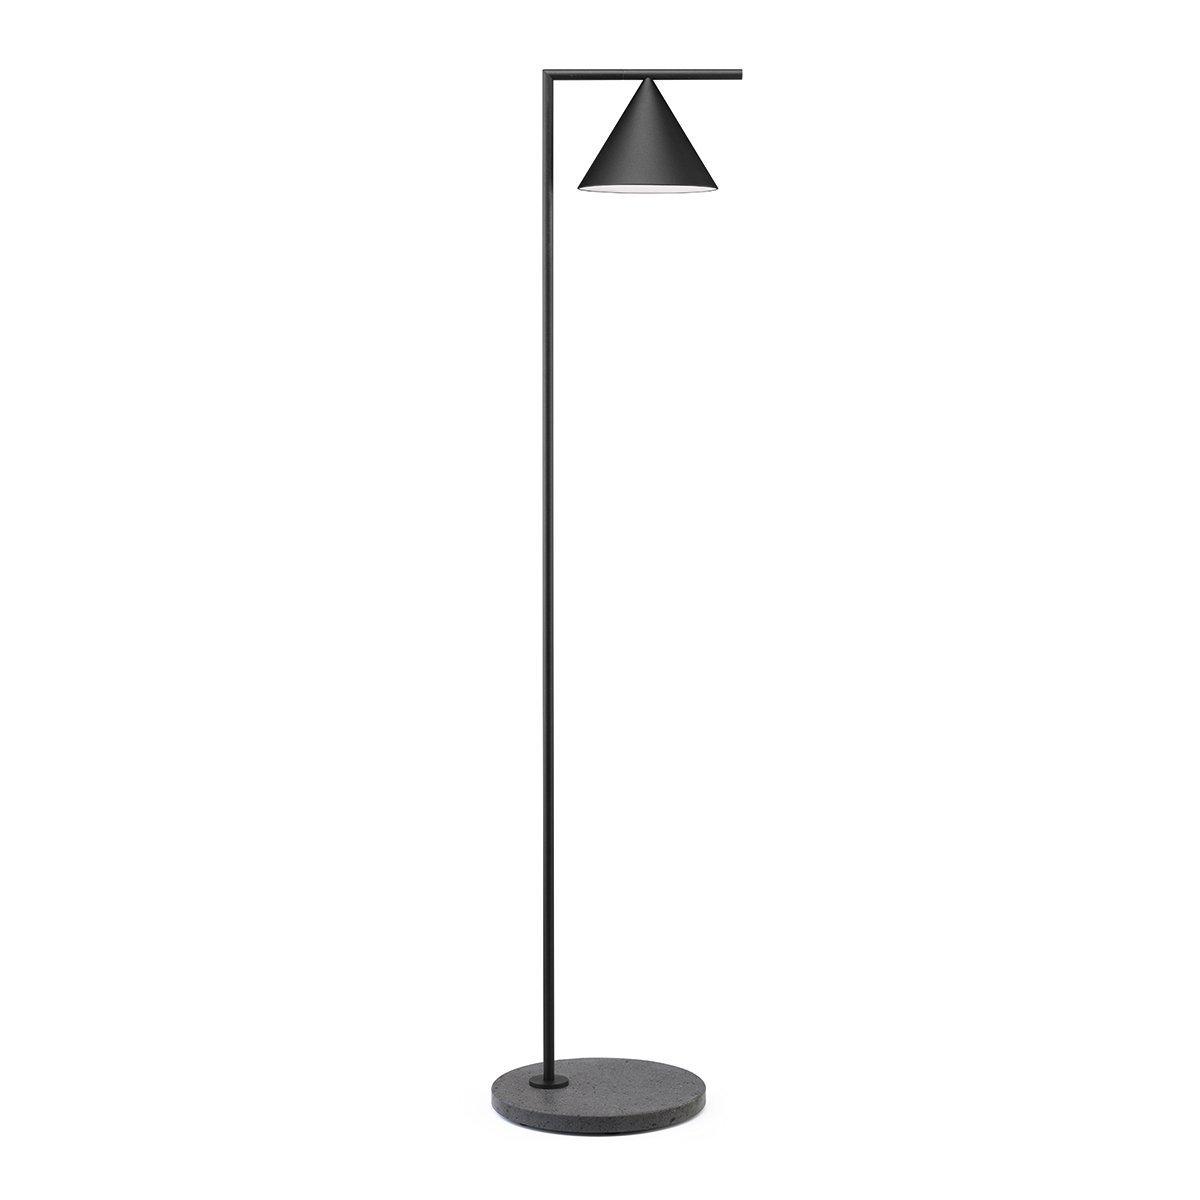 FLOS Captain Flint Outdoor Vloerlamp - Zwart Aluminium - 2700 Kelvin